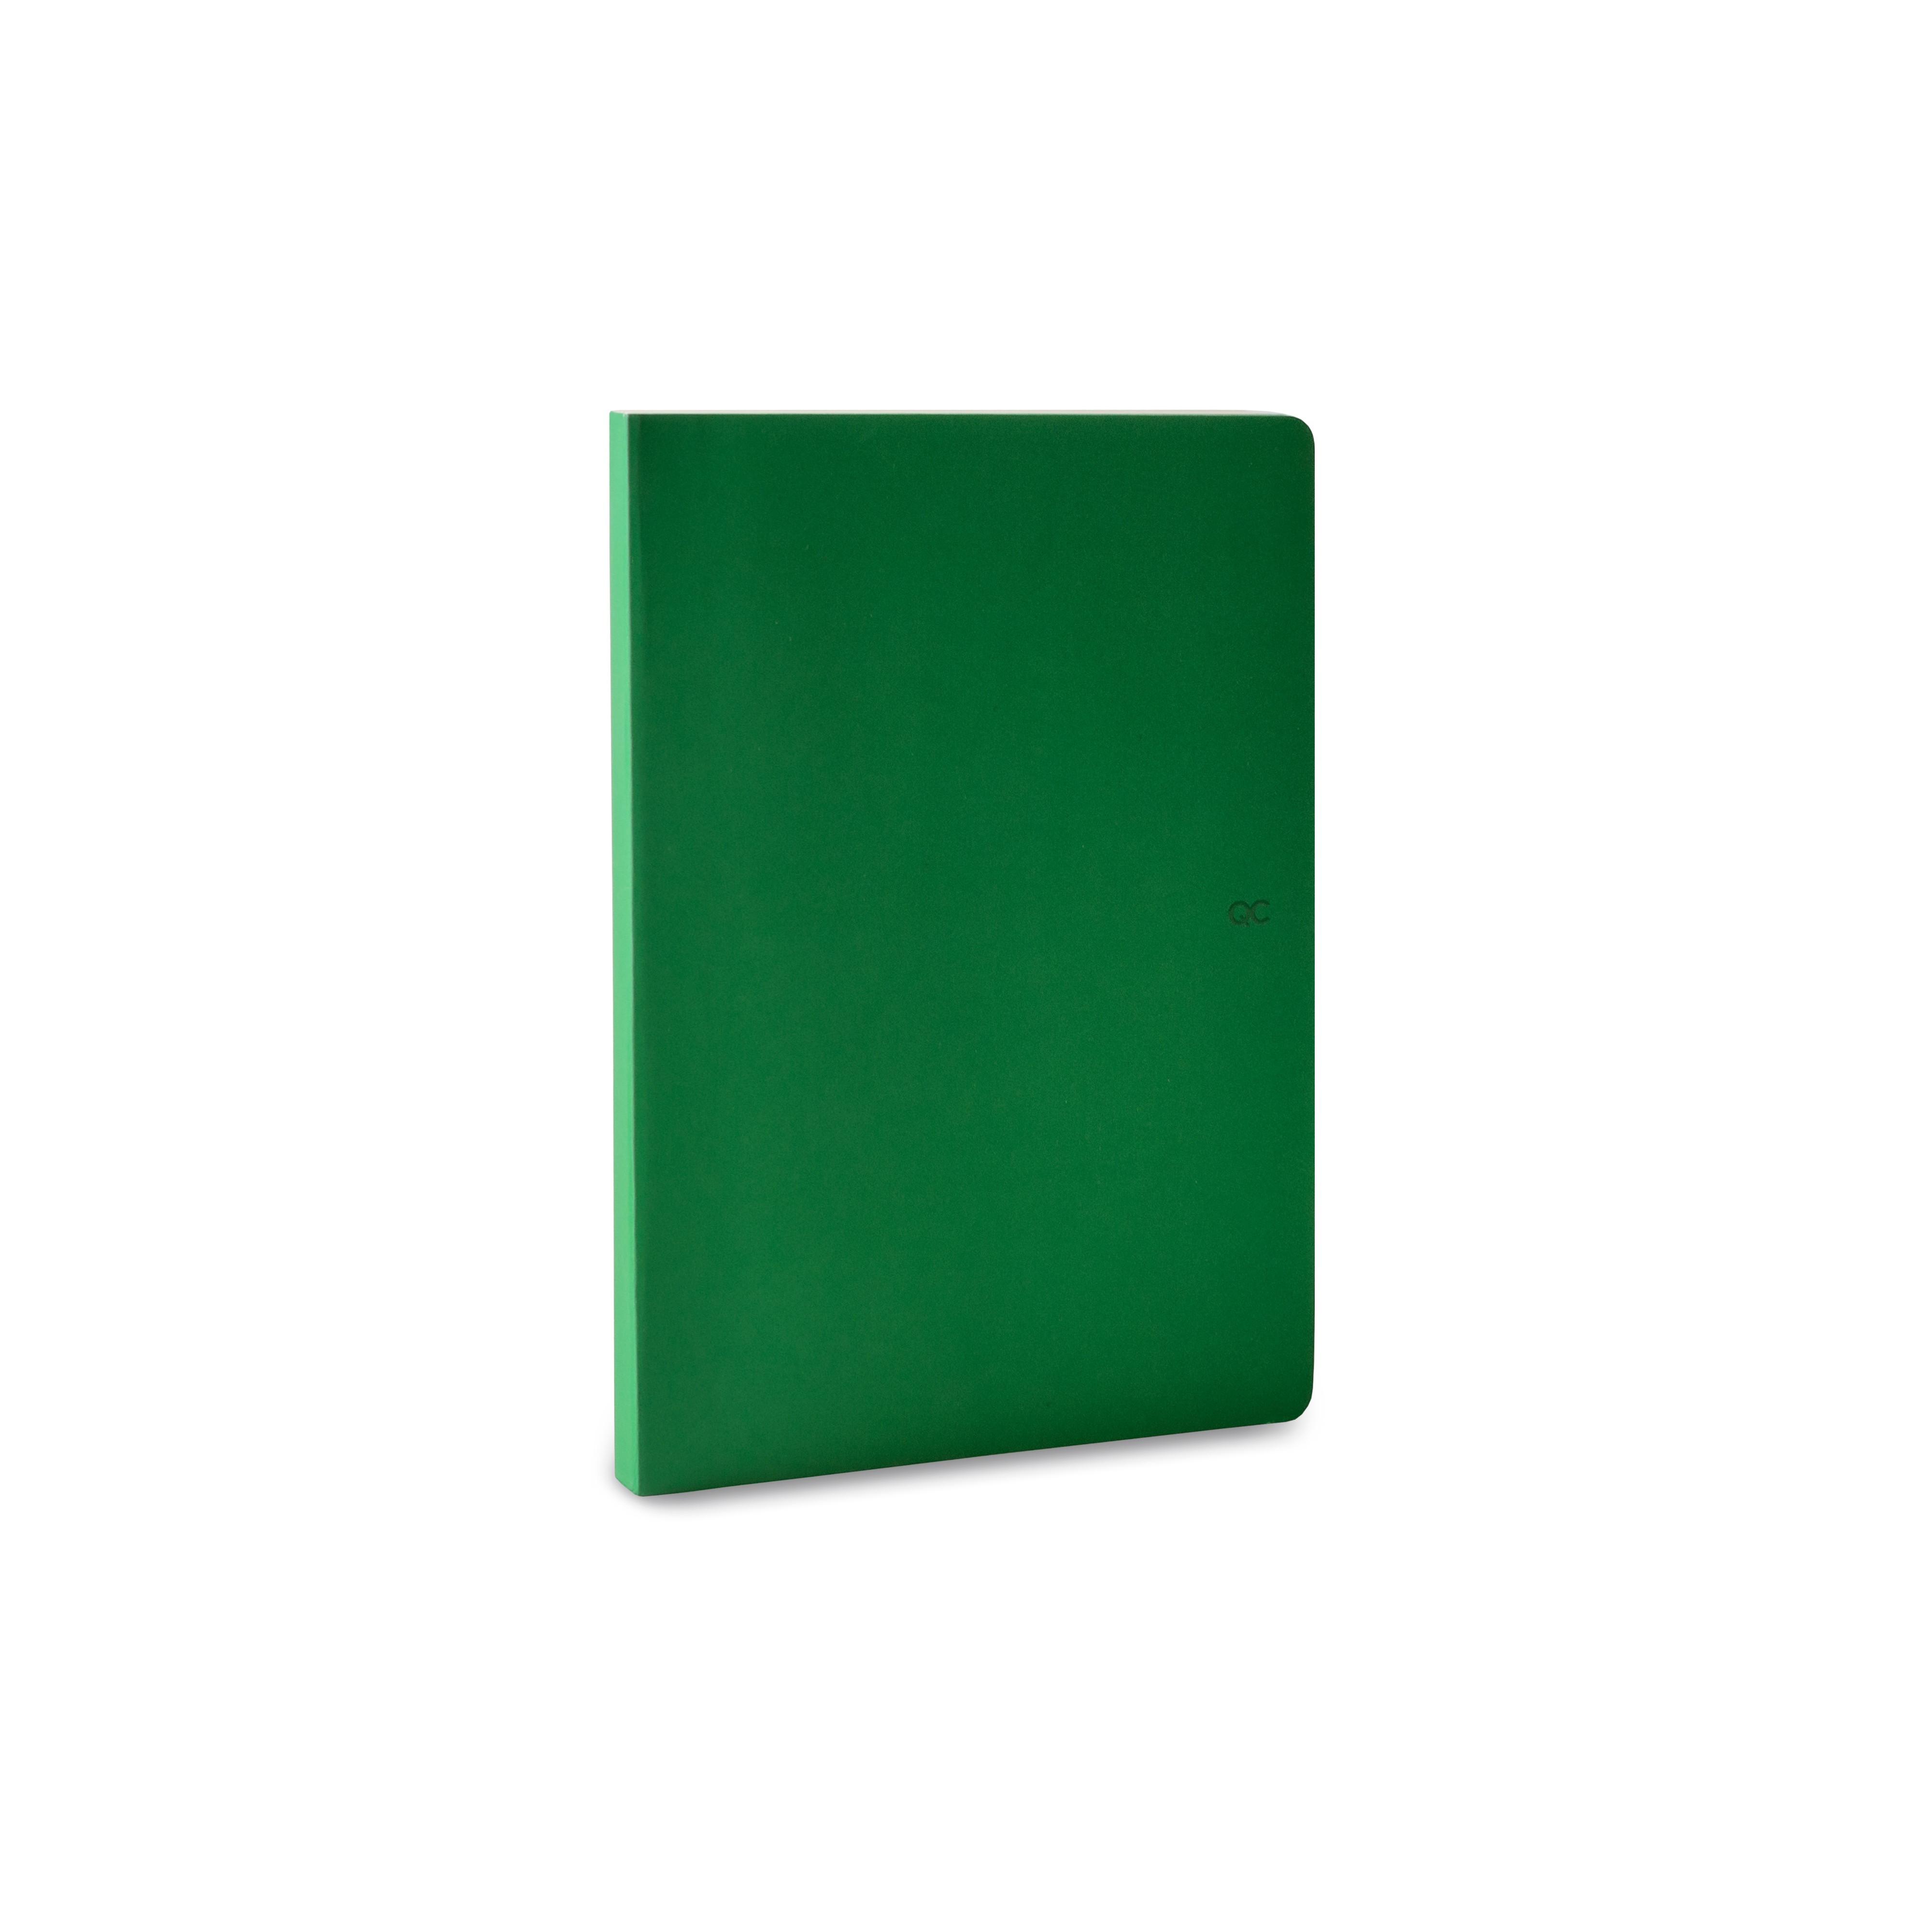 Notizbuch A5 | 88 Blätter | Grün